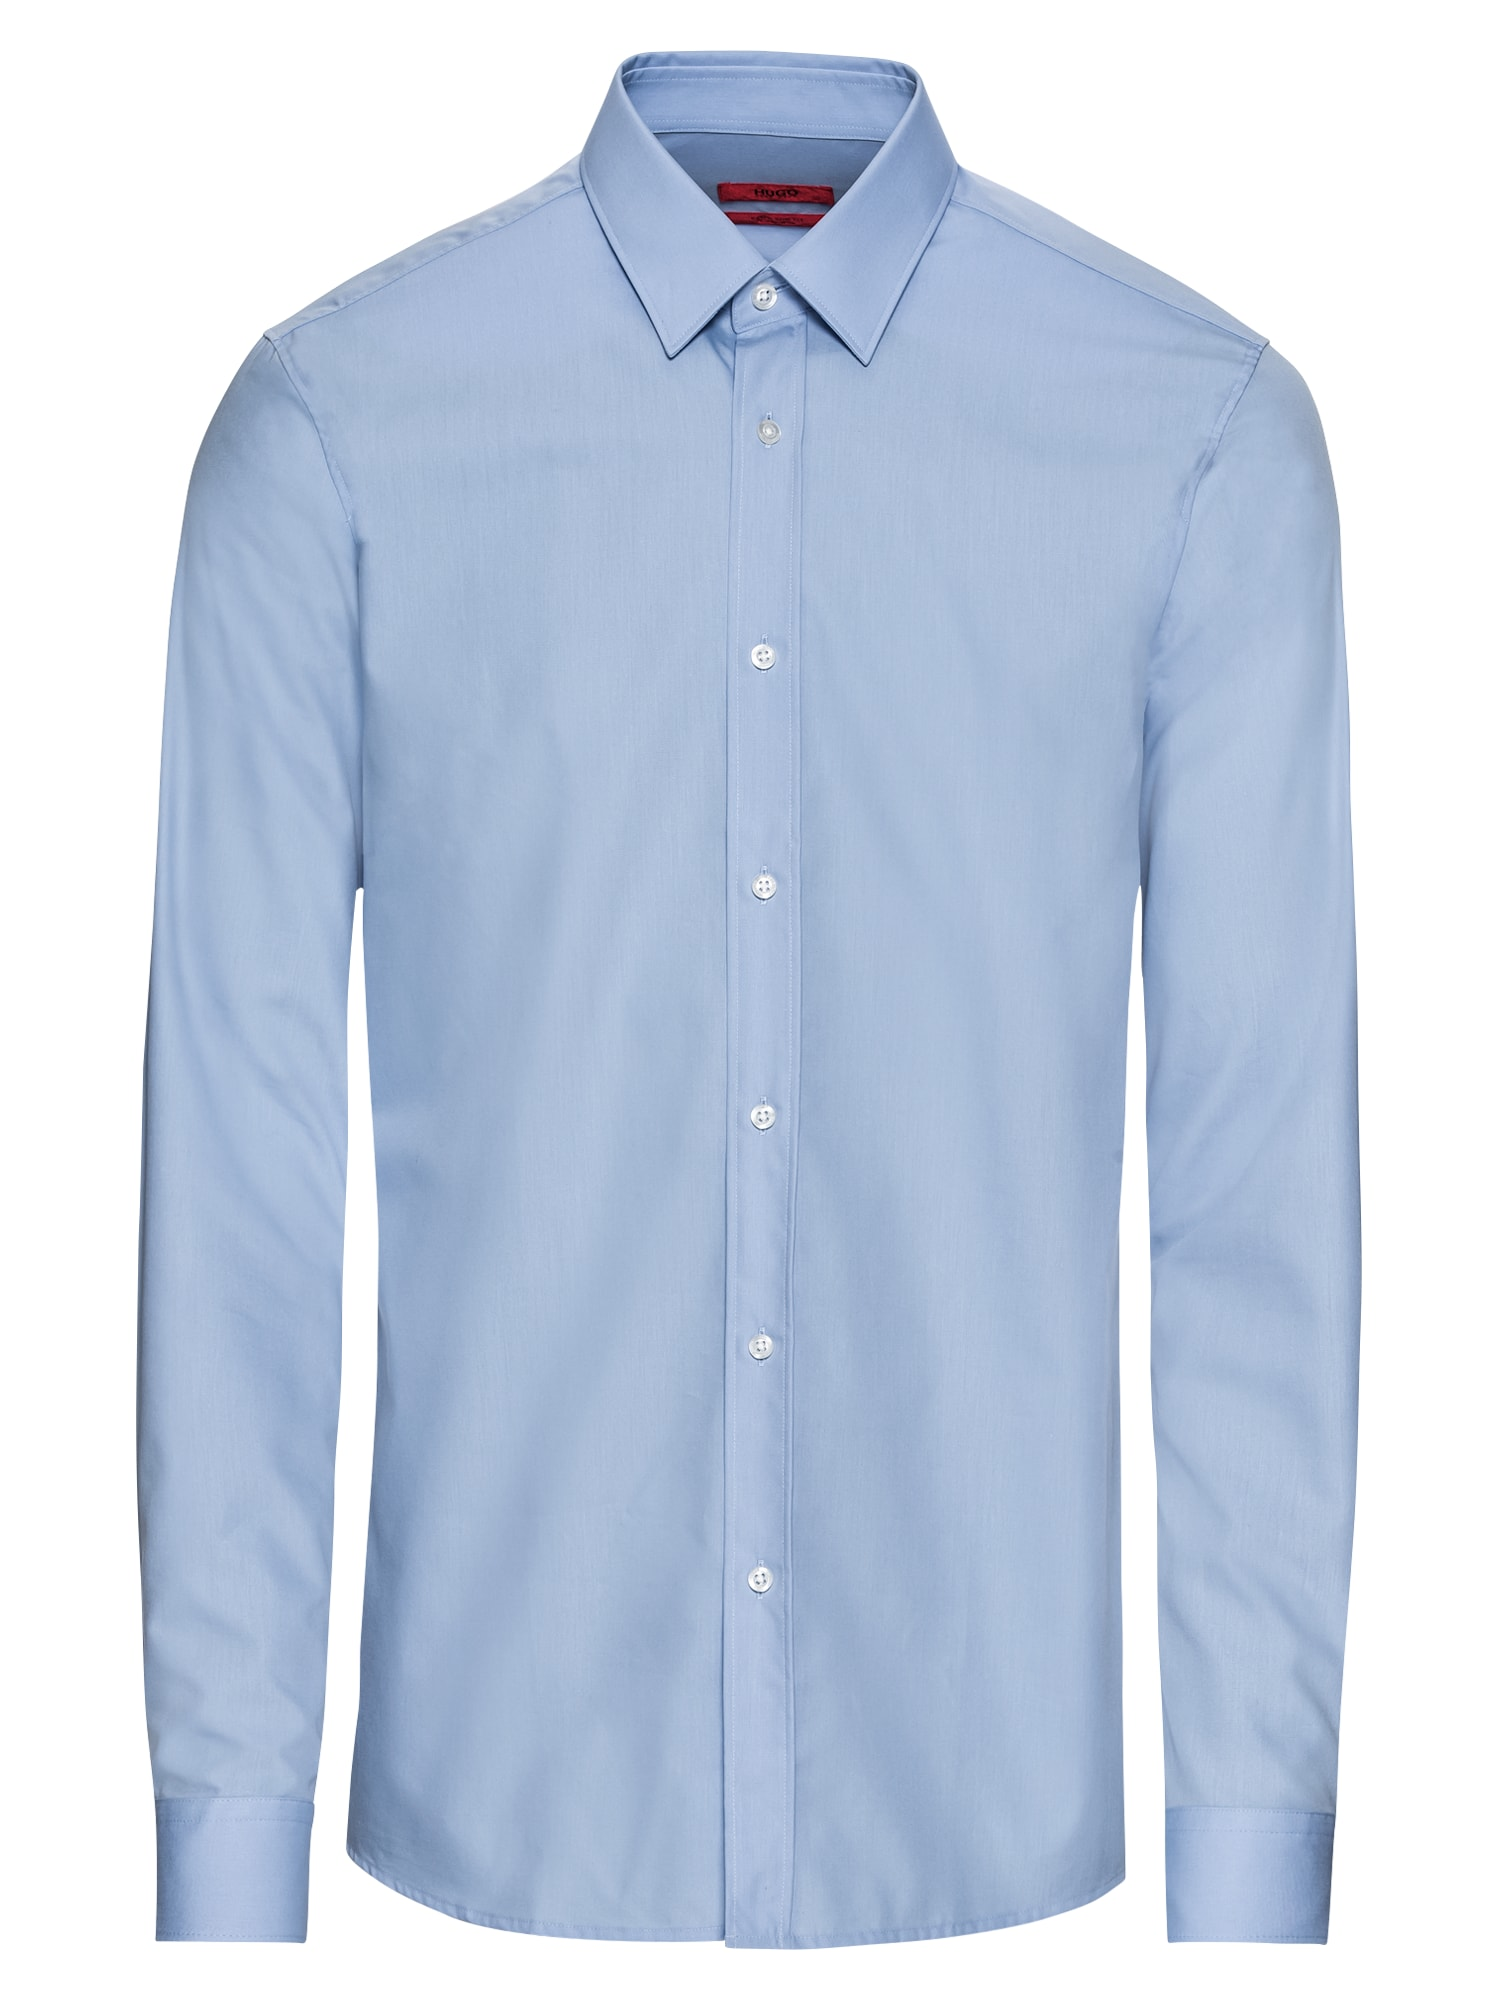 Společenská košile Elisha01 10181991 04 světlemodrá HUGO